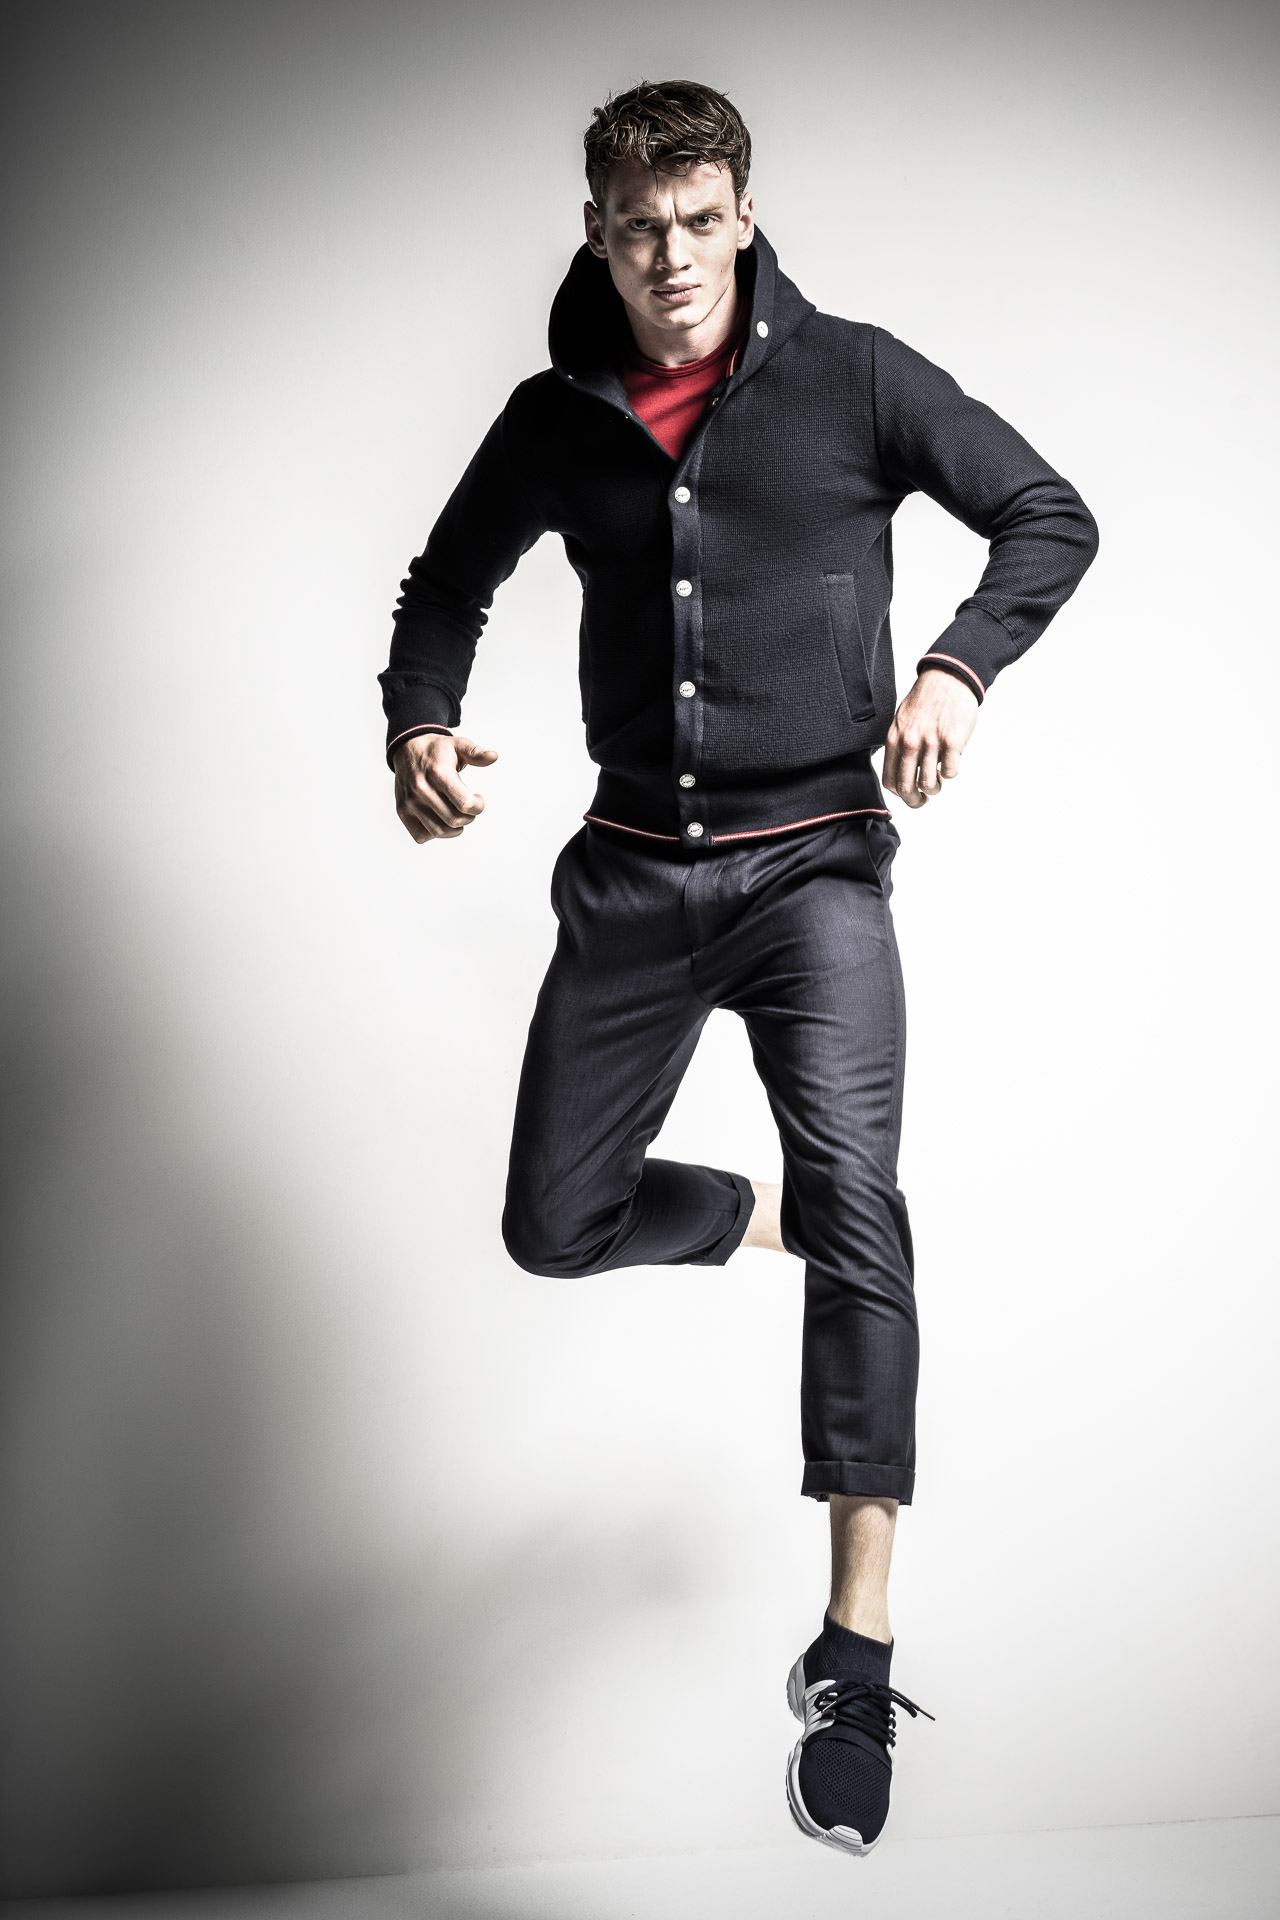 Fotowerk Modefotografie - Der Sprung